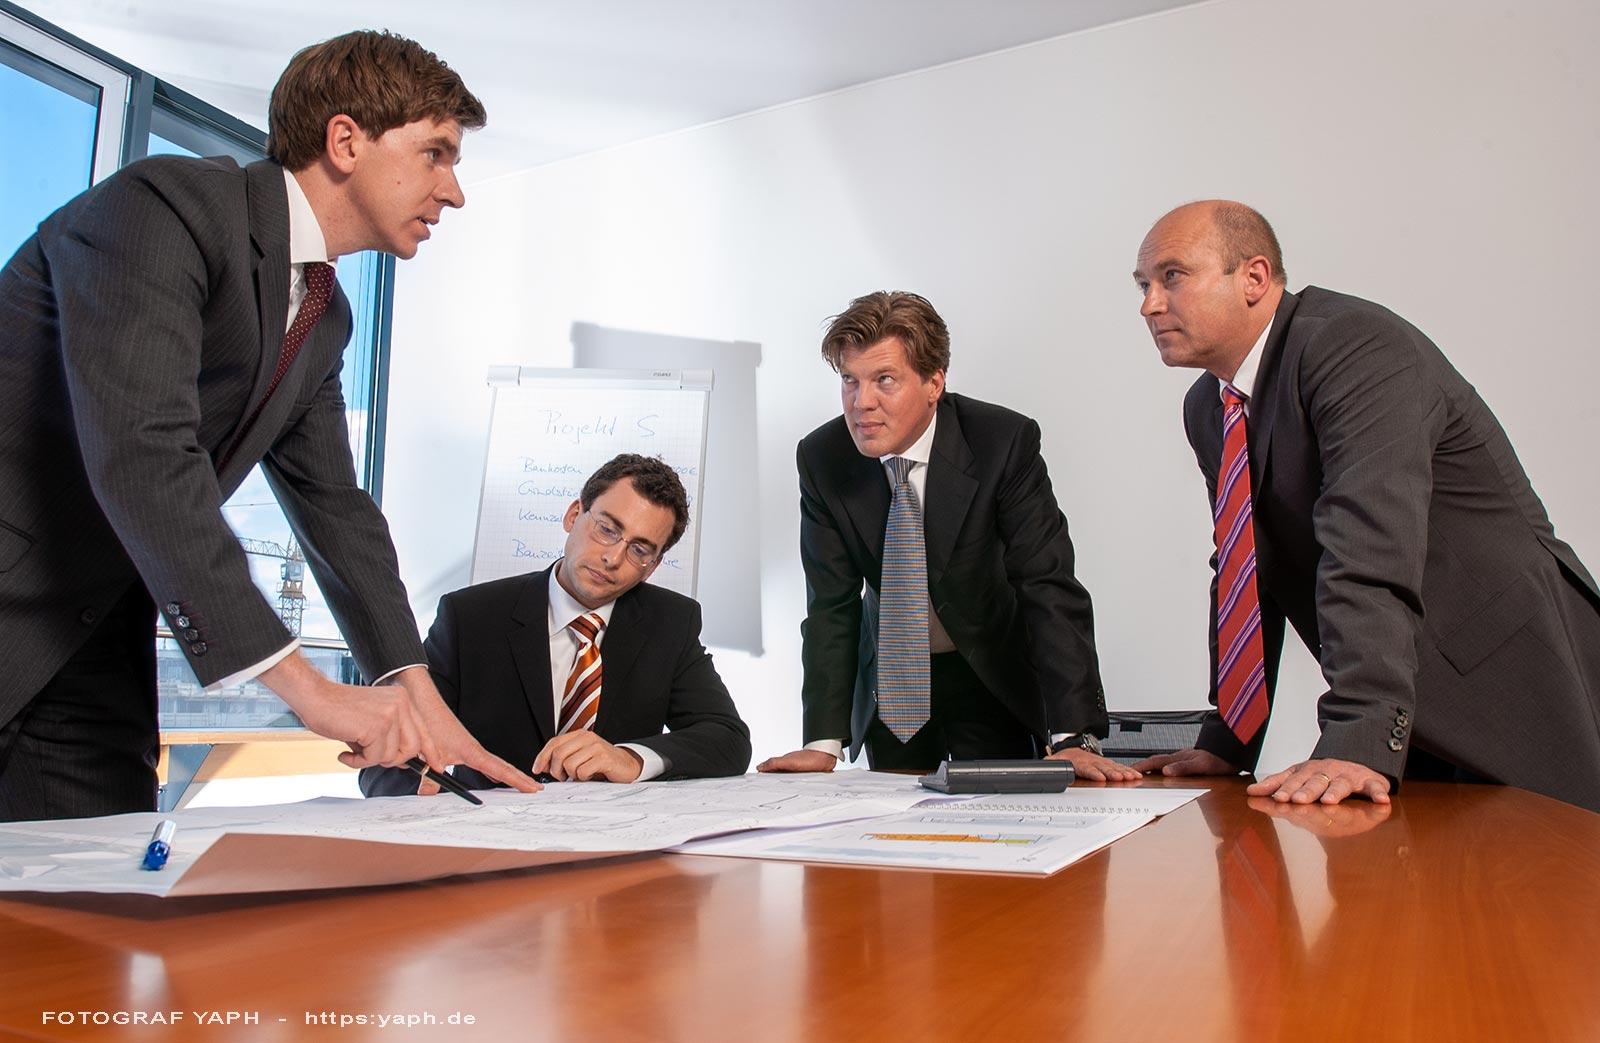 Business Fotografie, Fotografie für Firmen Yaph